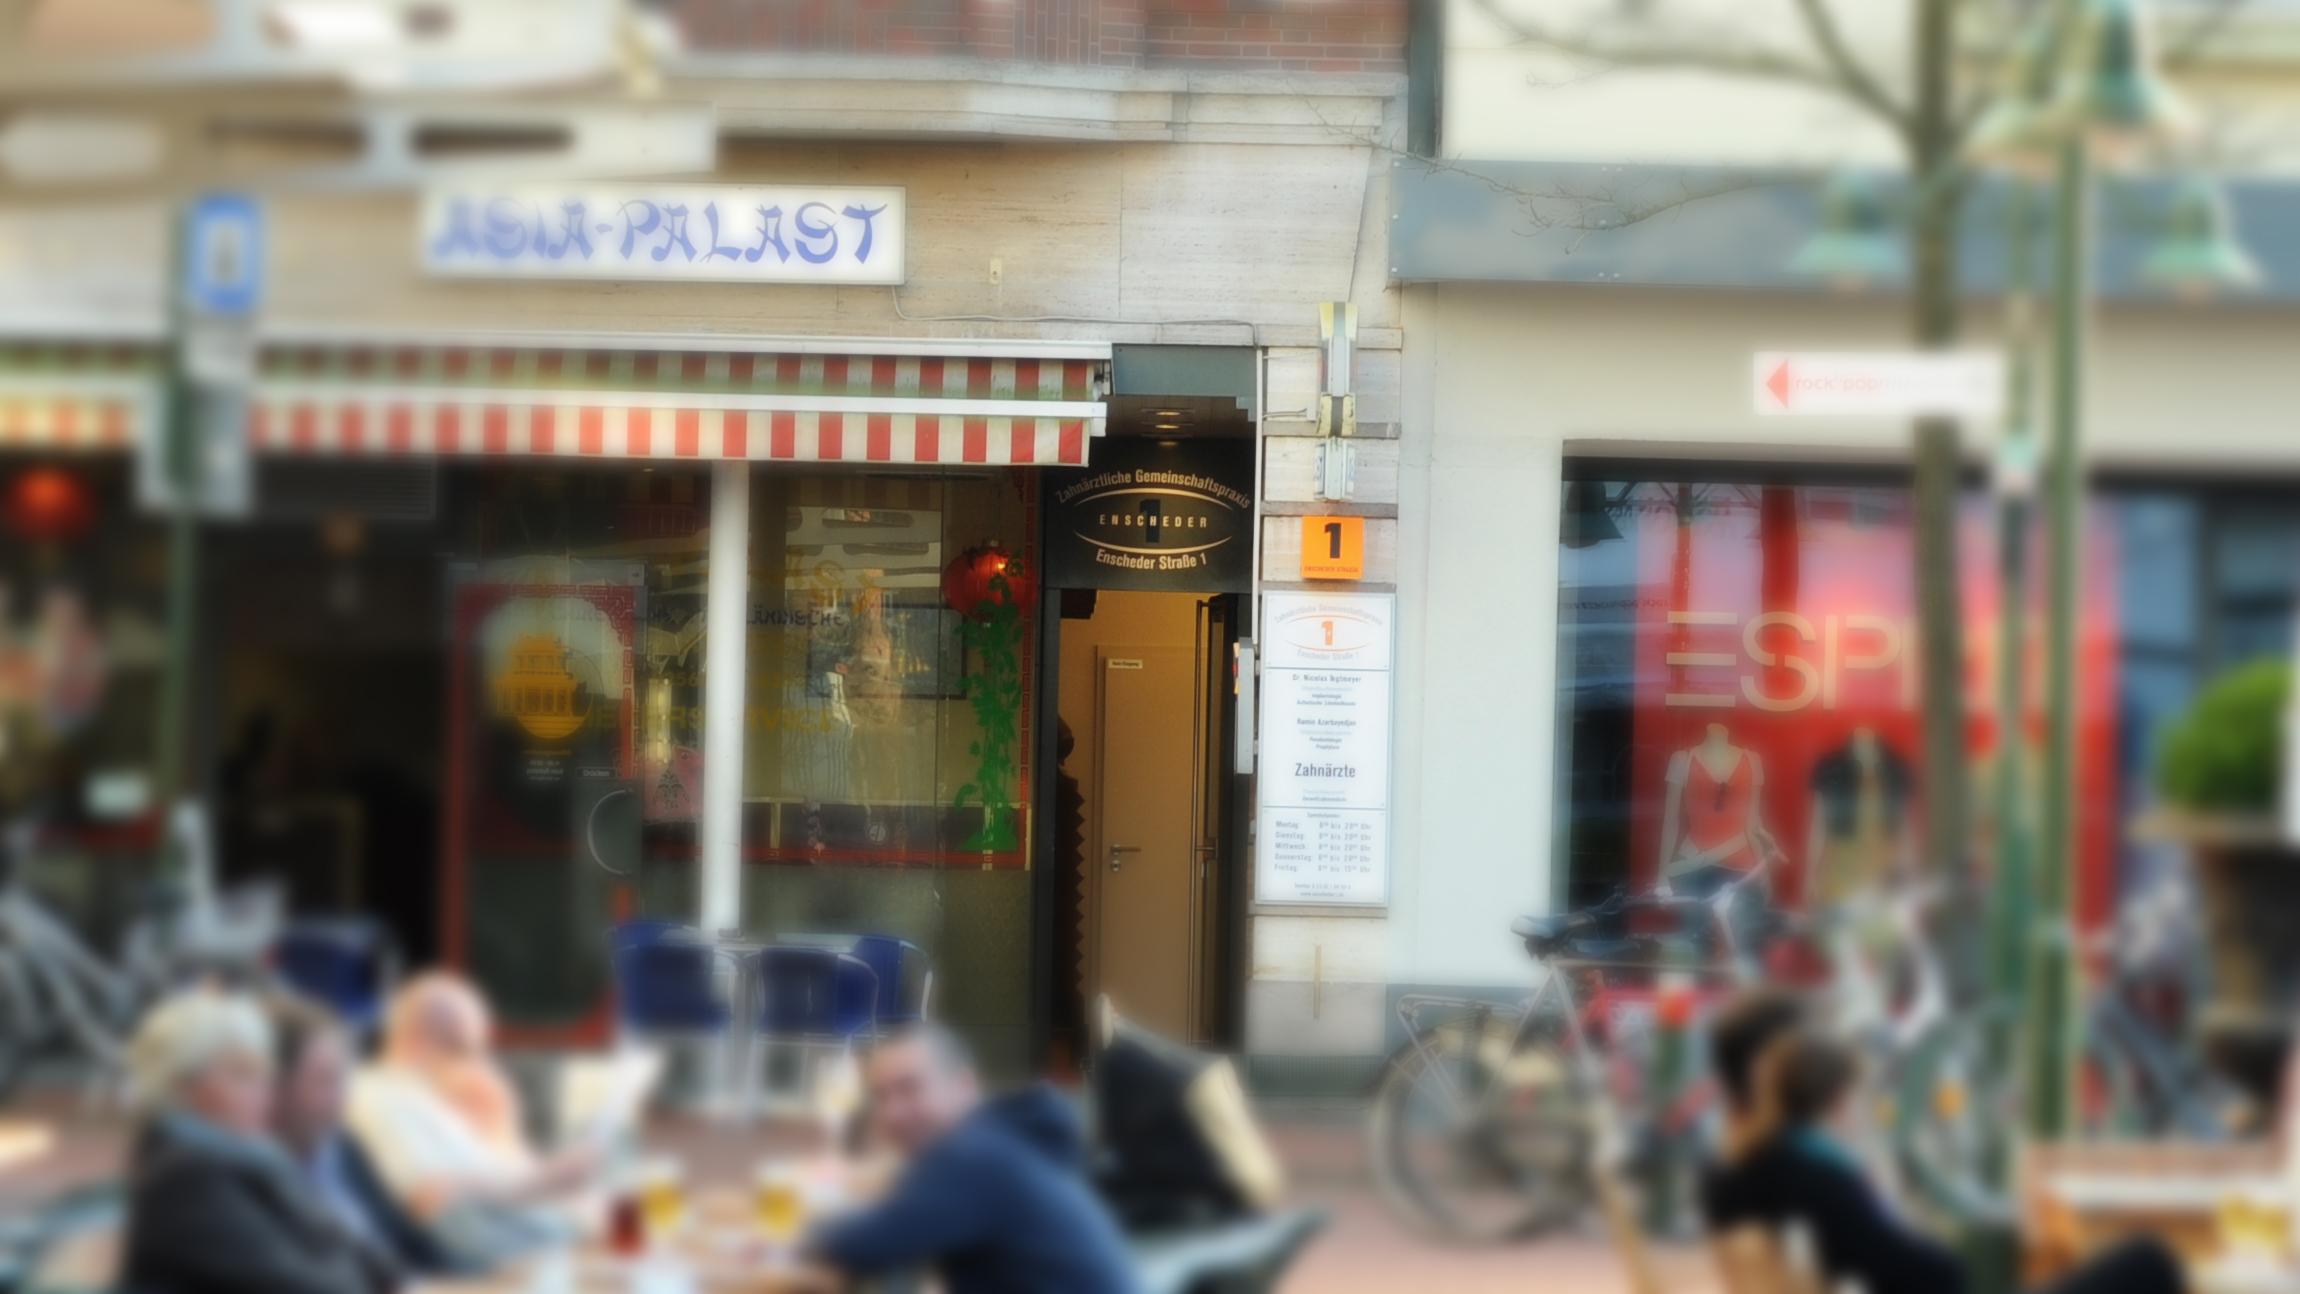 Zahnärztliche Gemeinschaftspraxis Enscheder Strasse 1 Foto des Eingangs aussen vom Cafe gegenüber